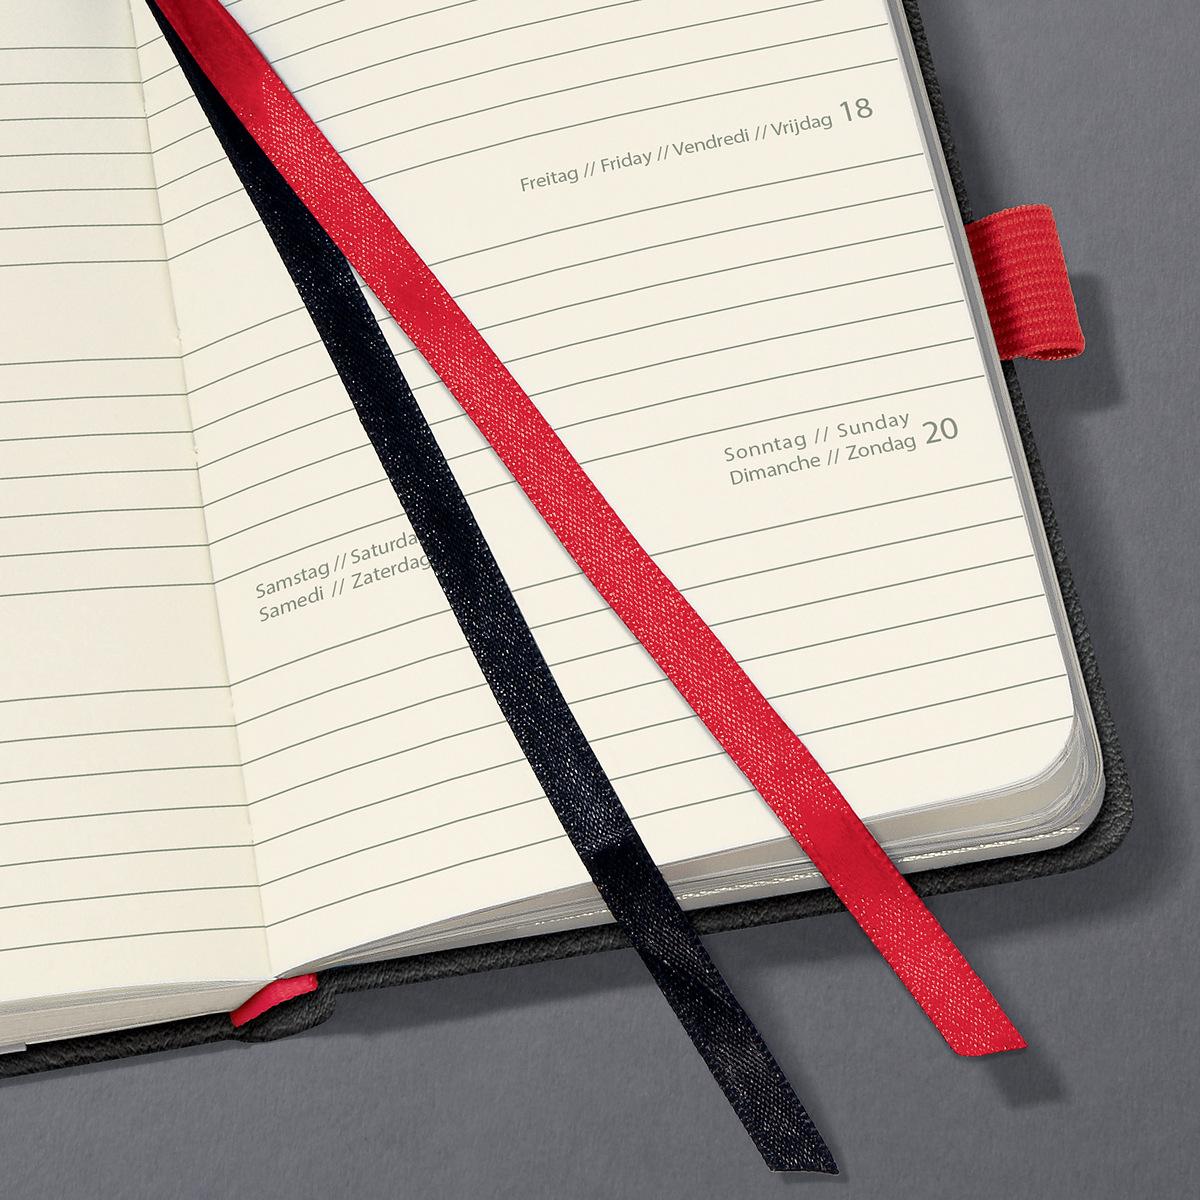 Wochenkalender Conceptum 2019 D Gb F Nl Design Vintage